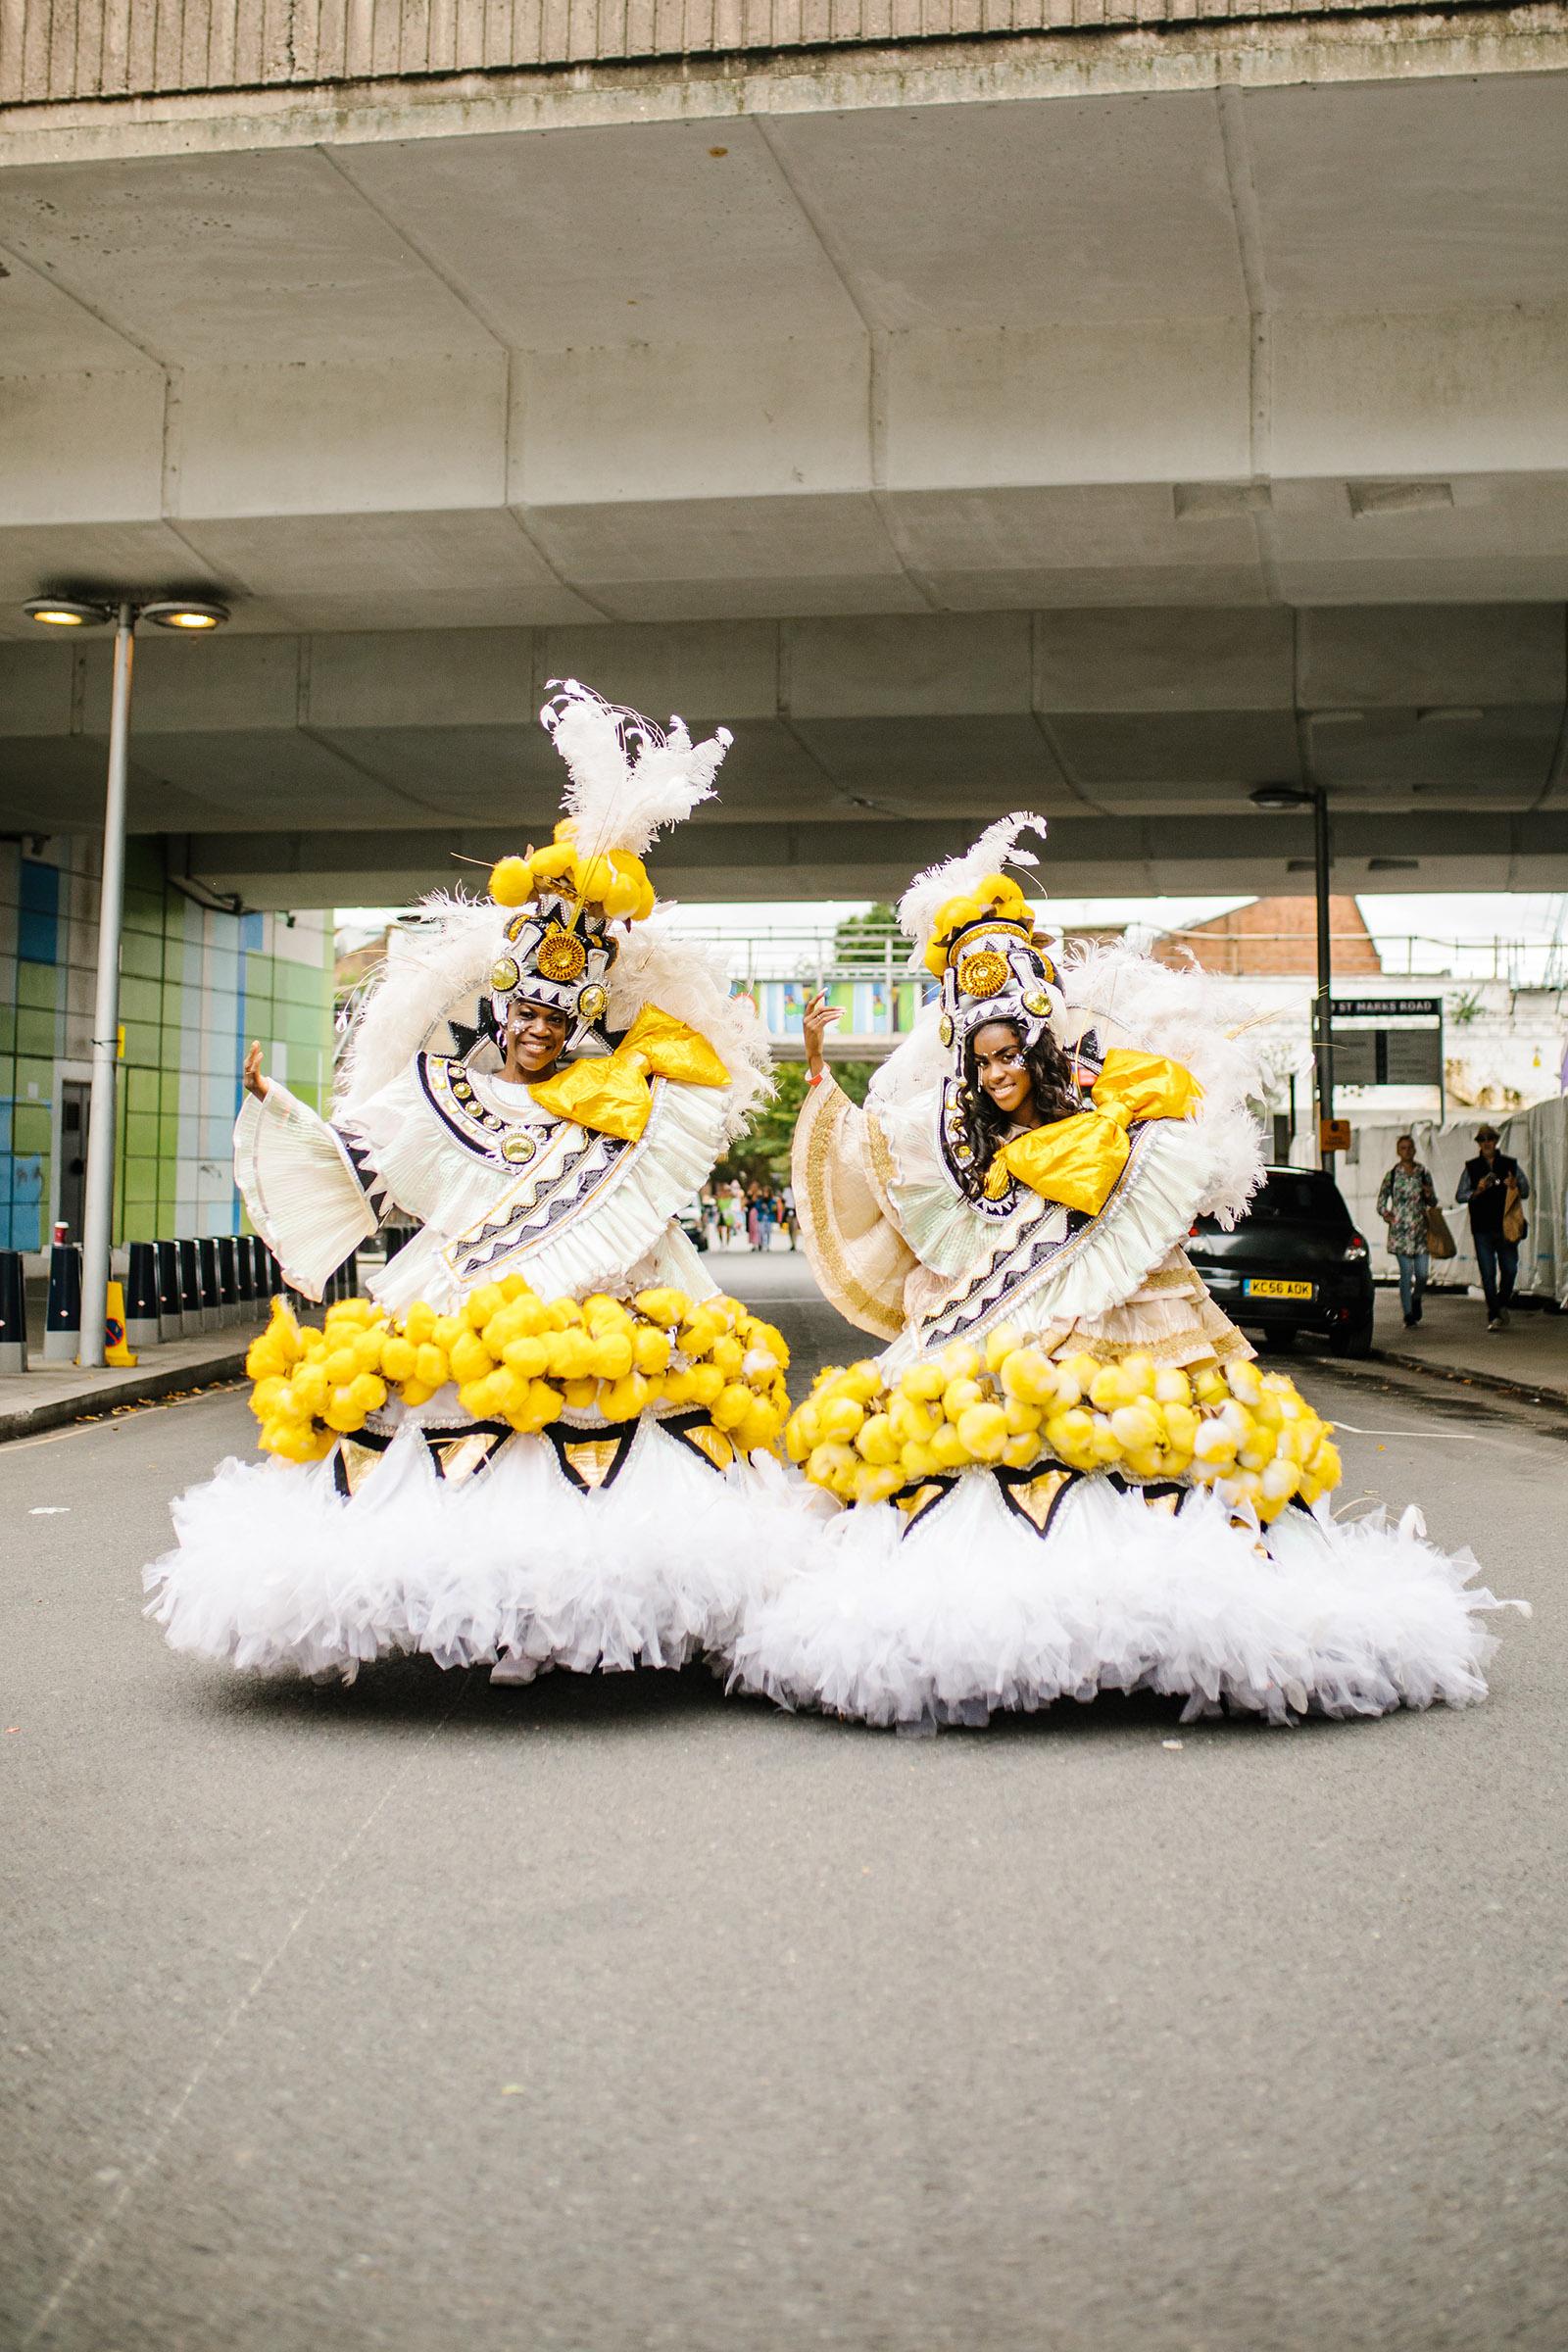 Dua orang dalam pakaian karnaval mewah berwarna kuning dan putih berdiri di tengah Ladbroke Grove di Notting Hill, dengan jembatan beton Westway terlihat di belakang mereka